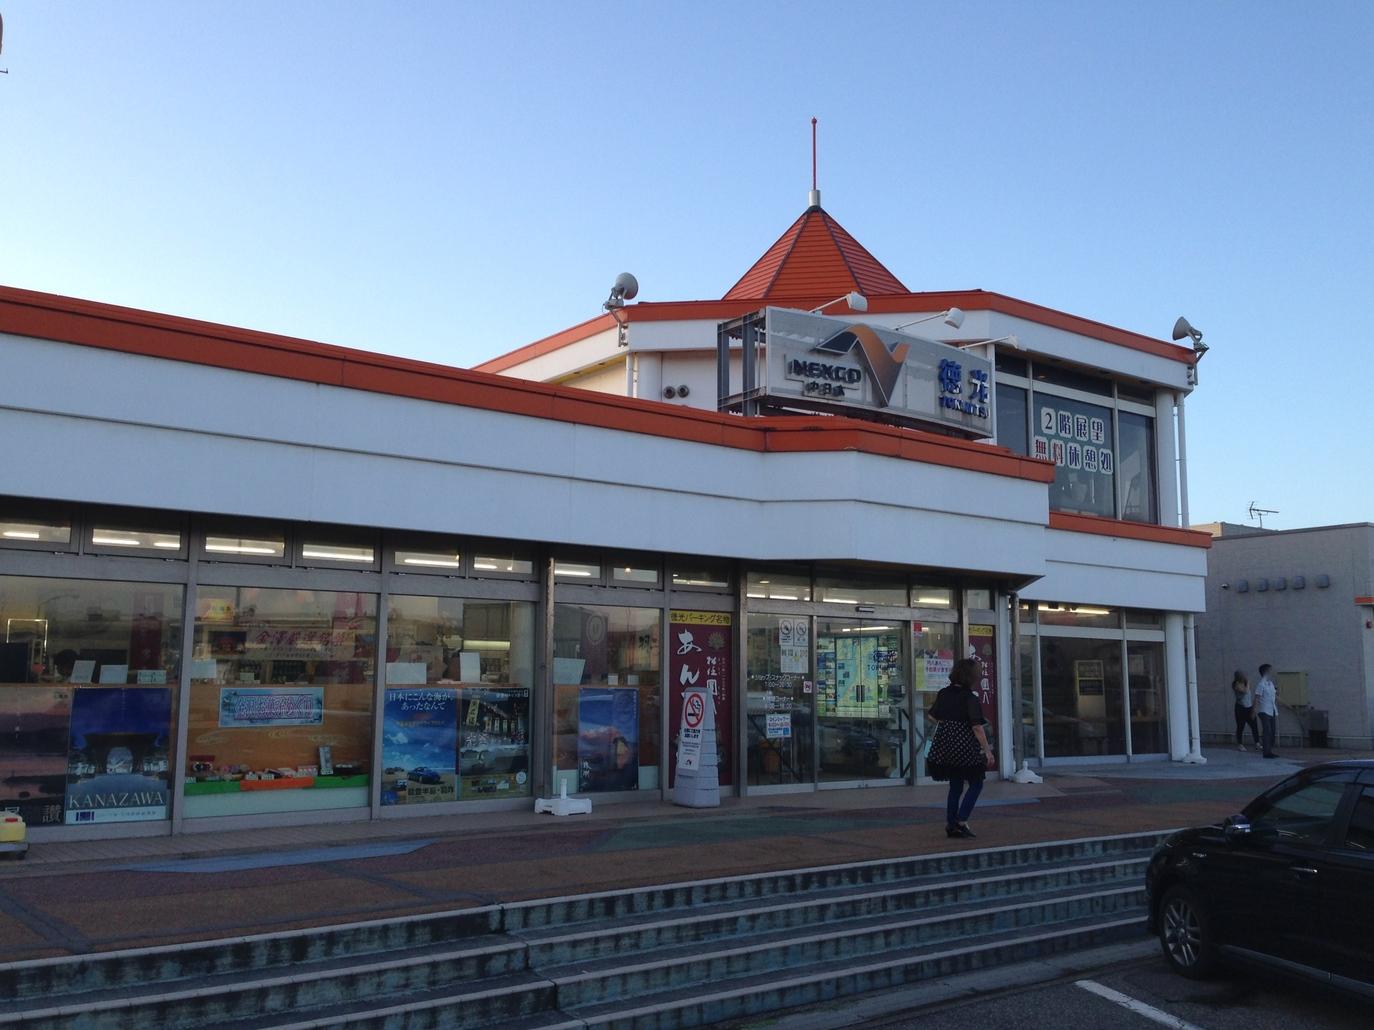 徳光パーキングエリア下り線ショッピングコーナー